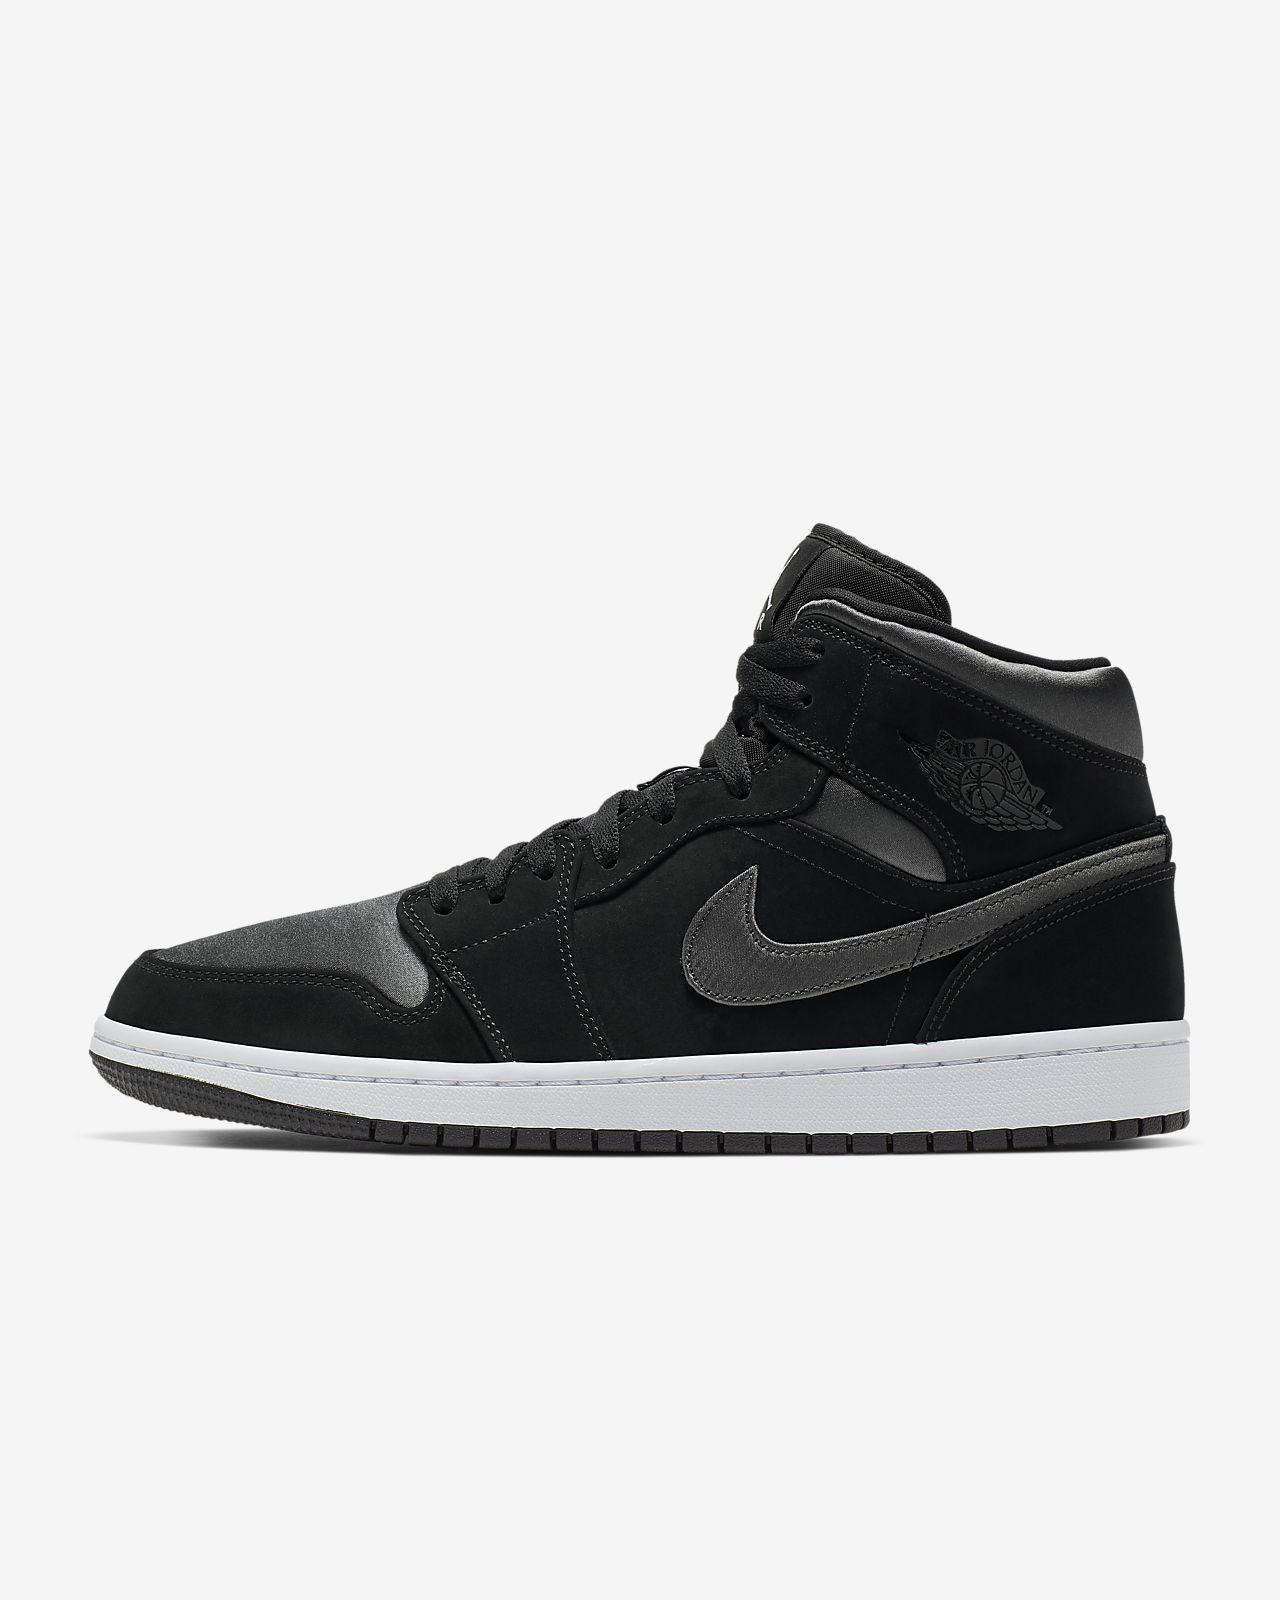 Air Jordan 1 Mid SE 男鞋